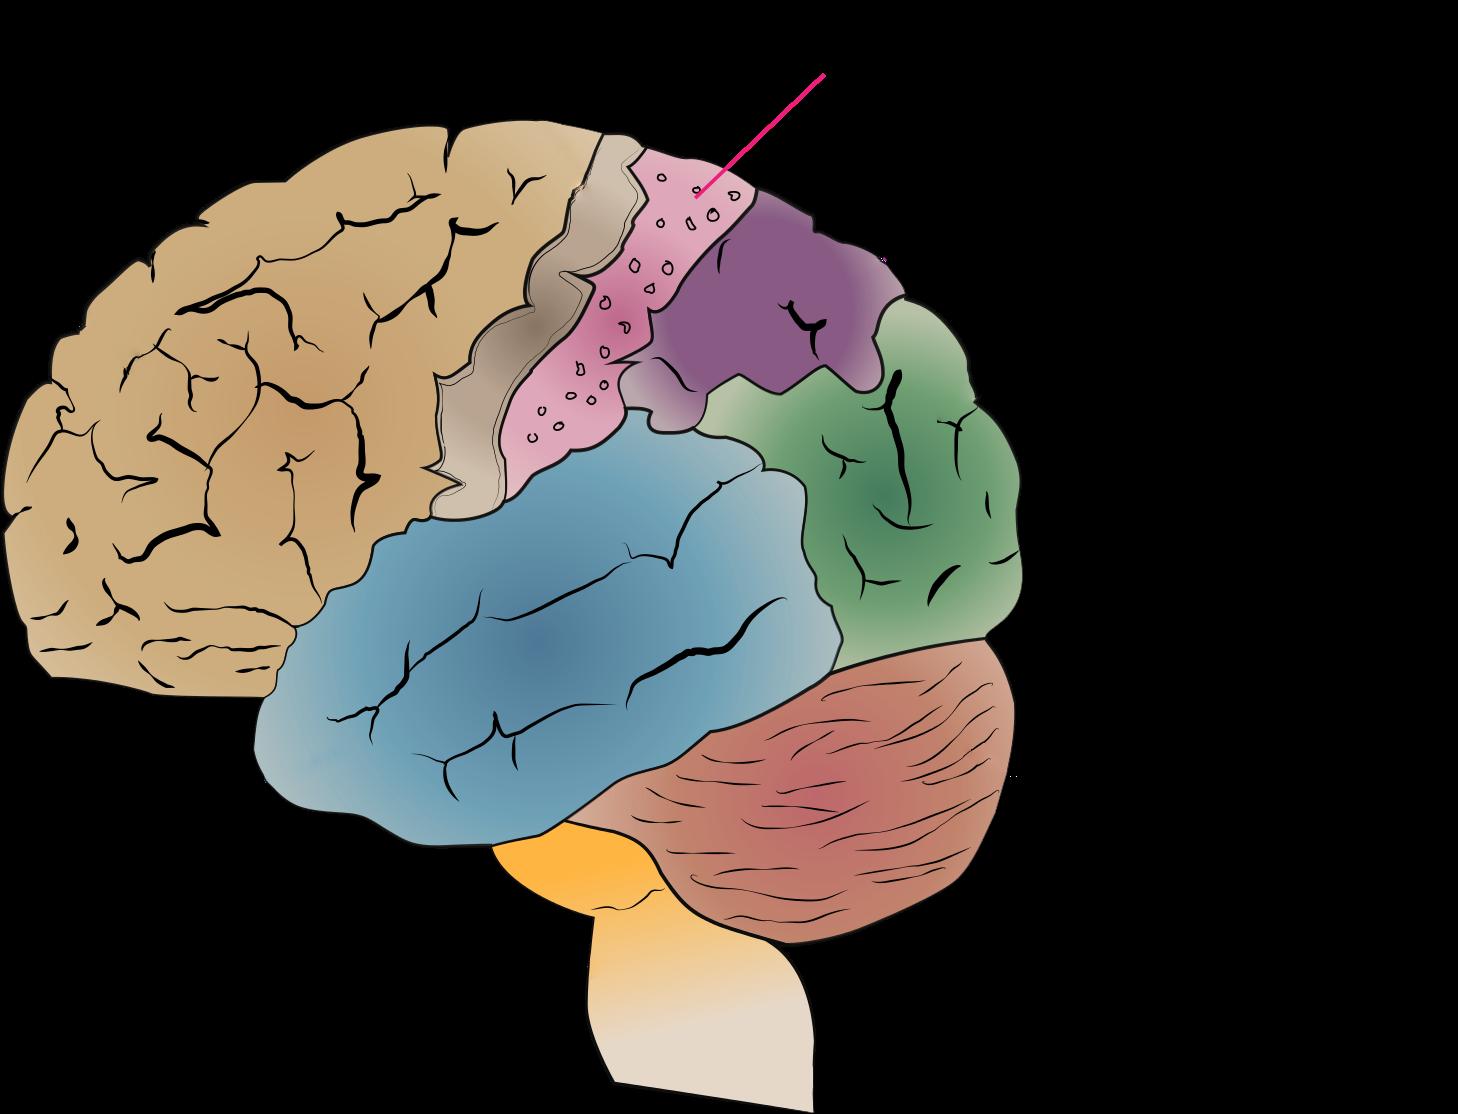 Cerebrum_lobes